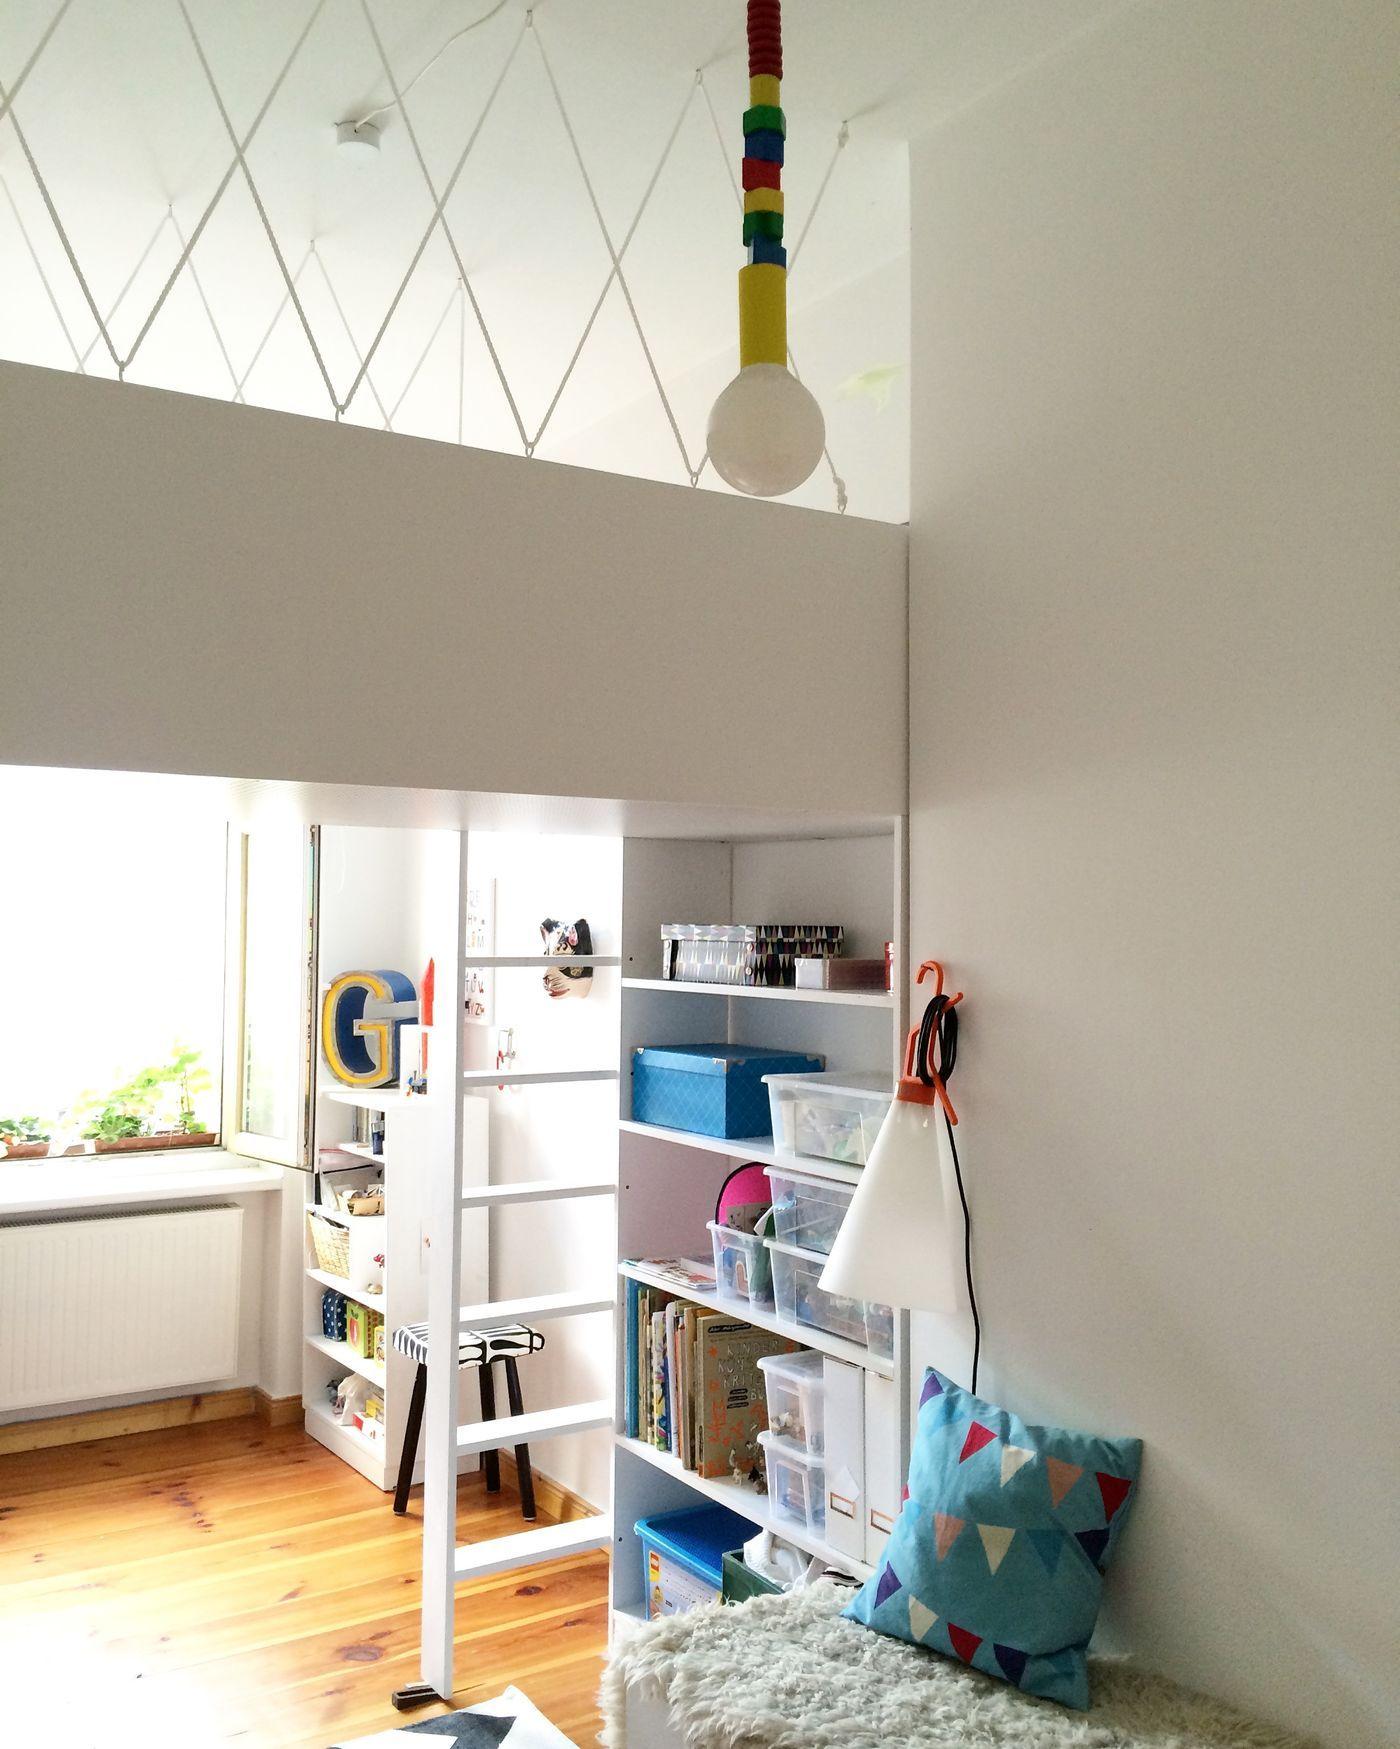 die sch nsten ideen f r dein kinderzimmer seite 13. Black Bedroom Furniture Sets. Home Design Ideas